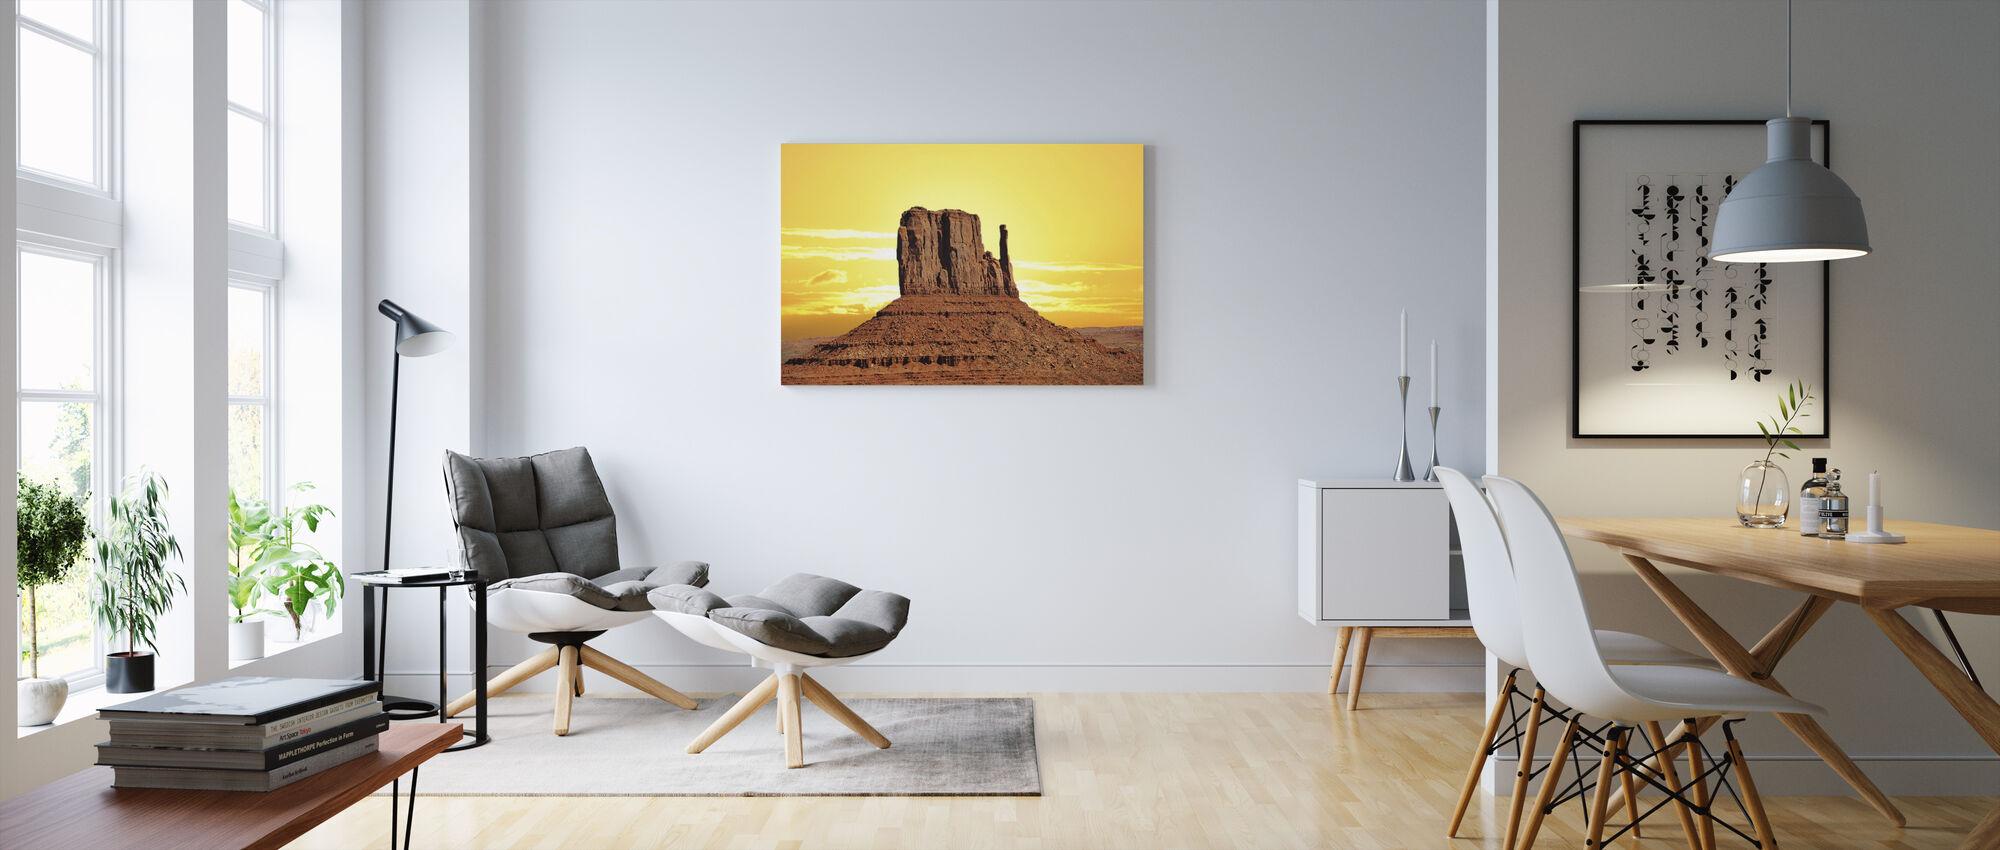 Rochen aavikko - Canvastaulu - Olohuone